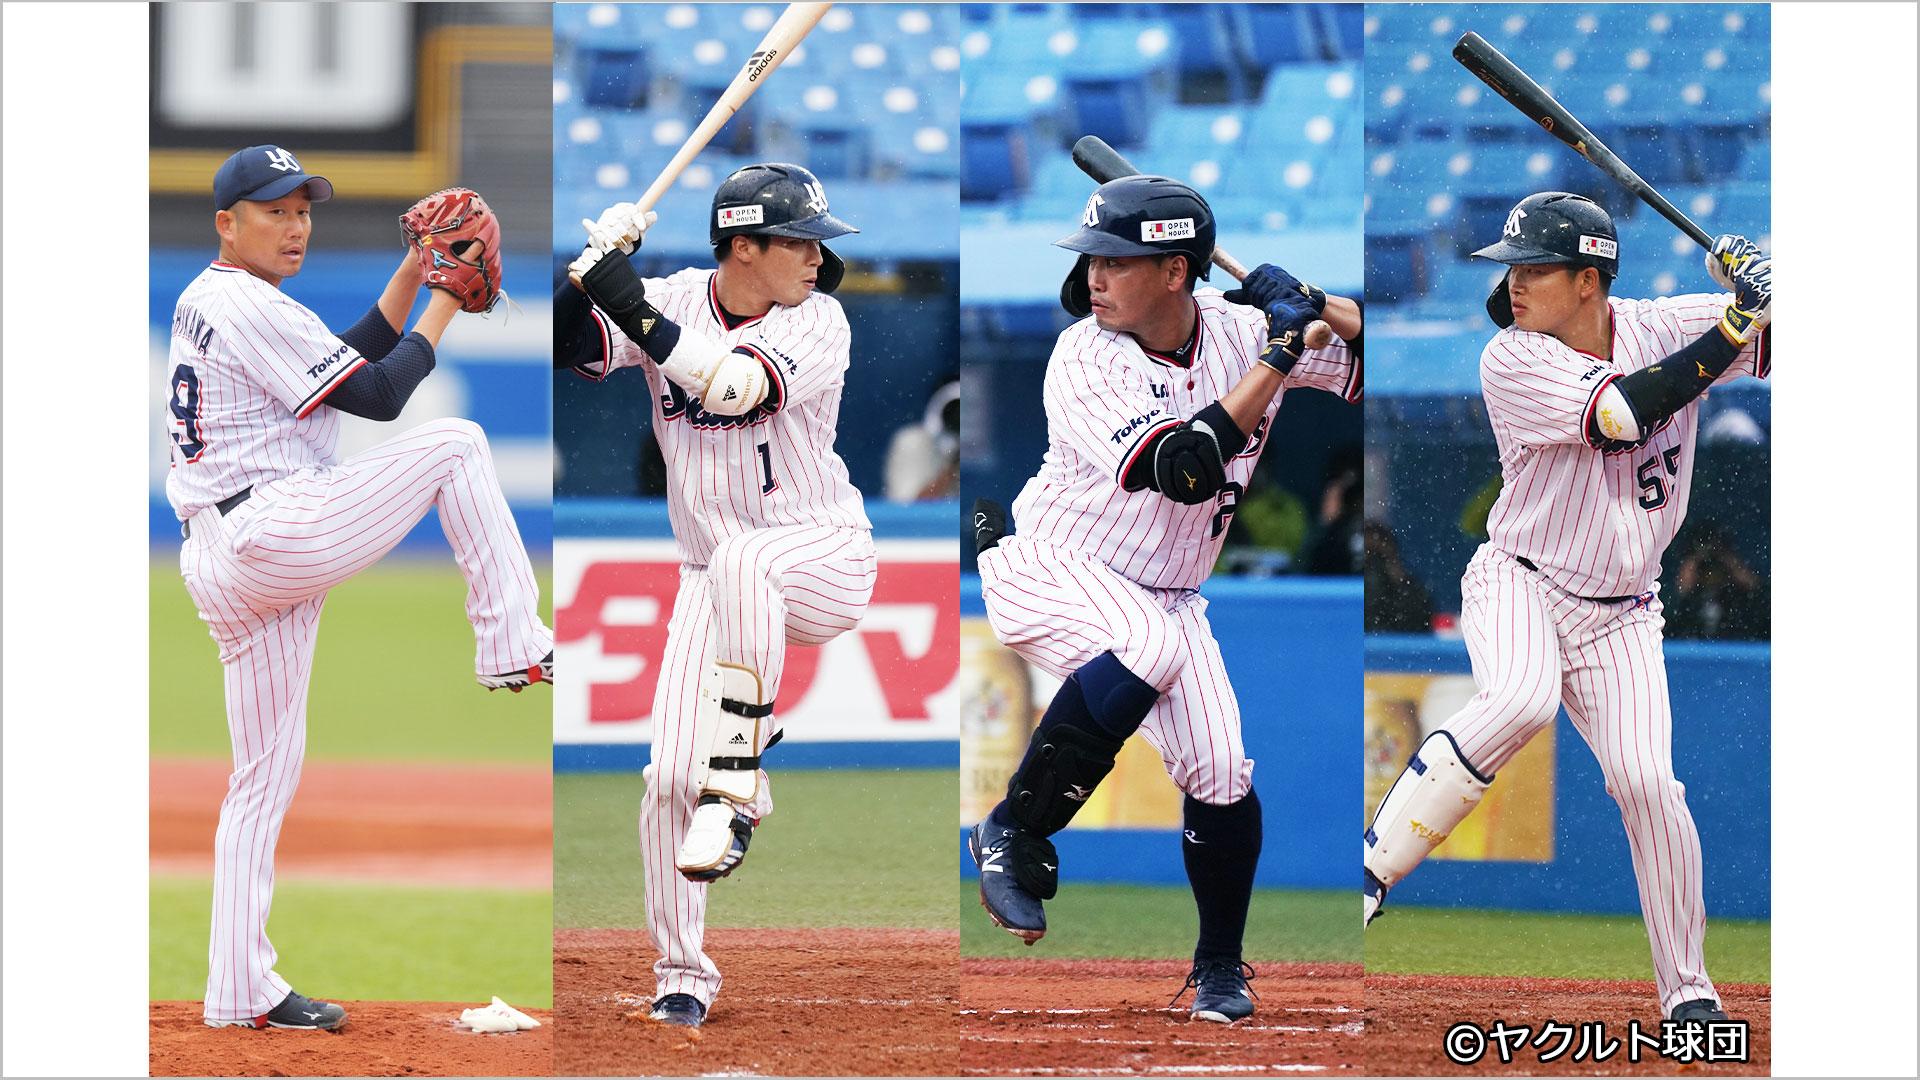 SWALLOWS BASEBALL L!VE 特別編  試合前練習 7/4